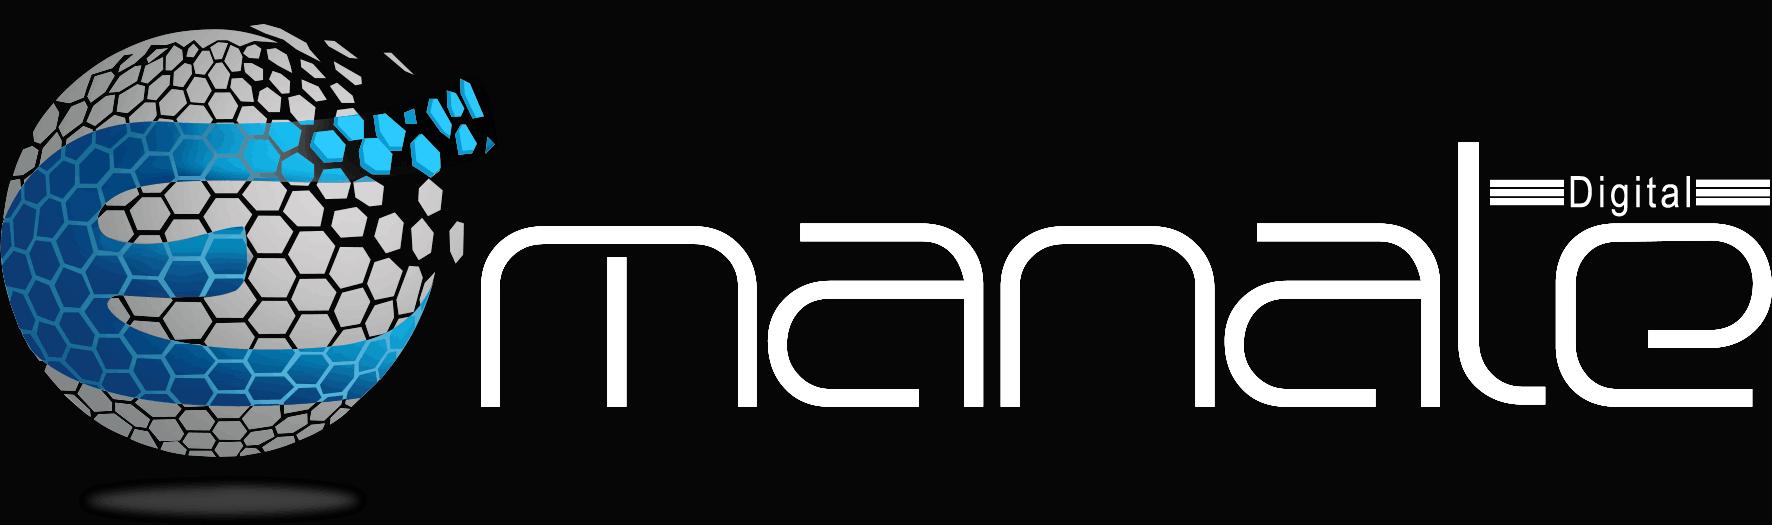 Emanate Digital